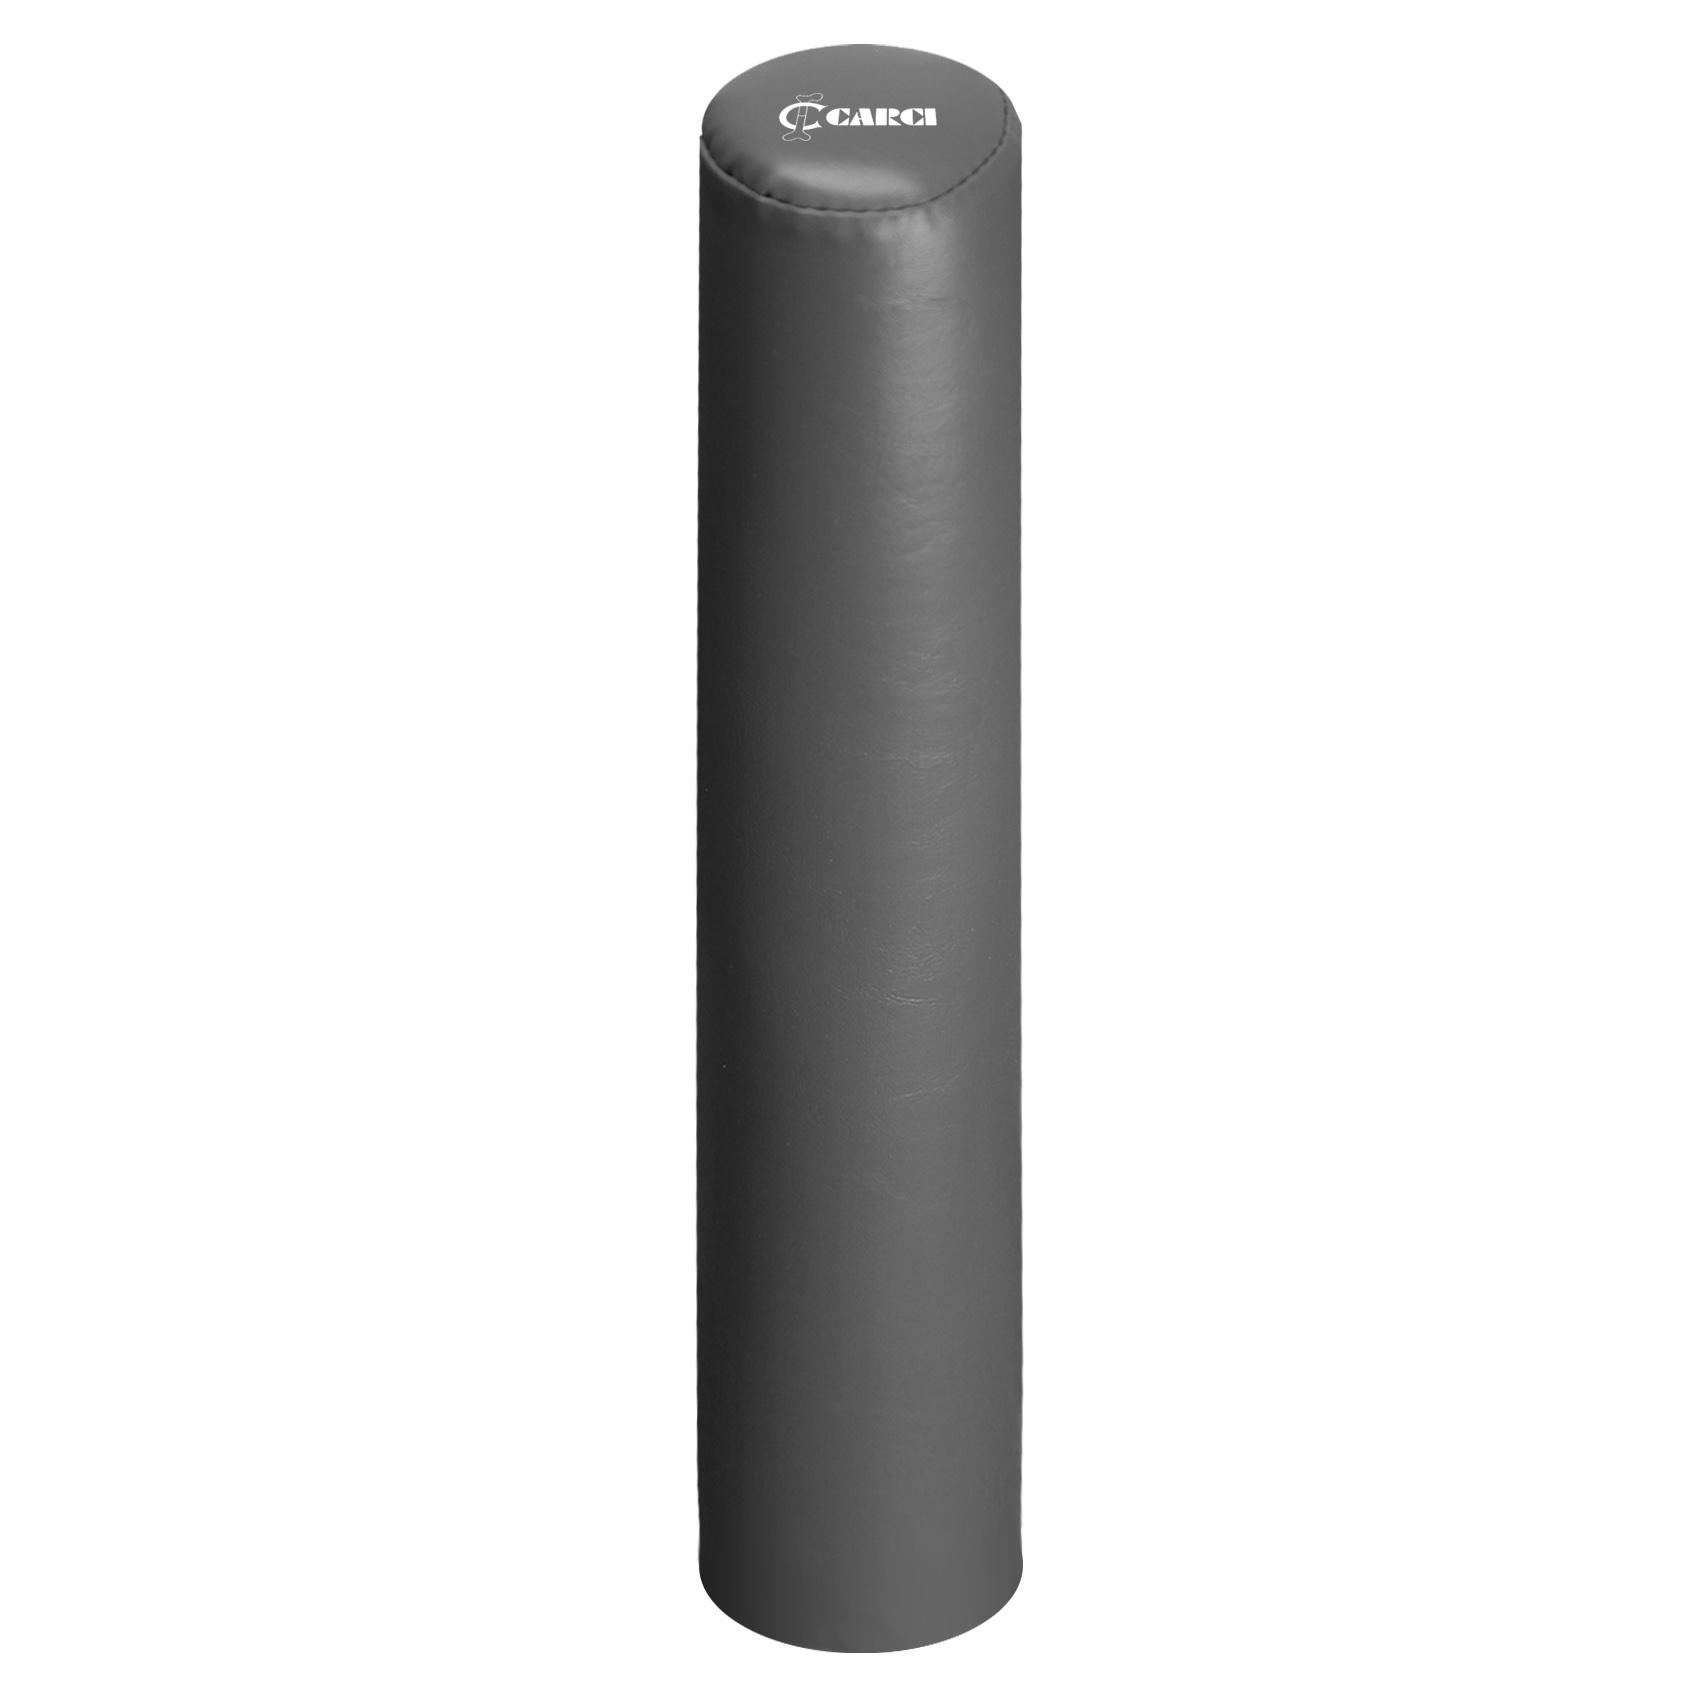 Rolo de espuma 10x60 cm - 6010